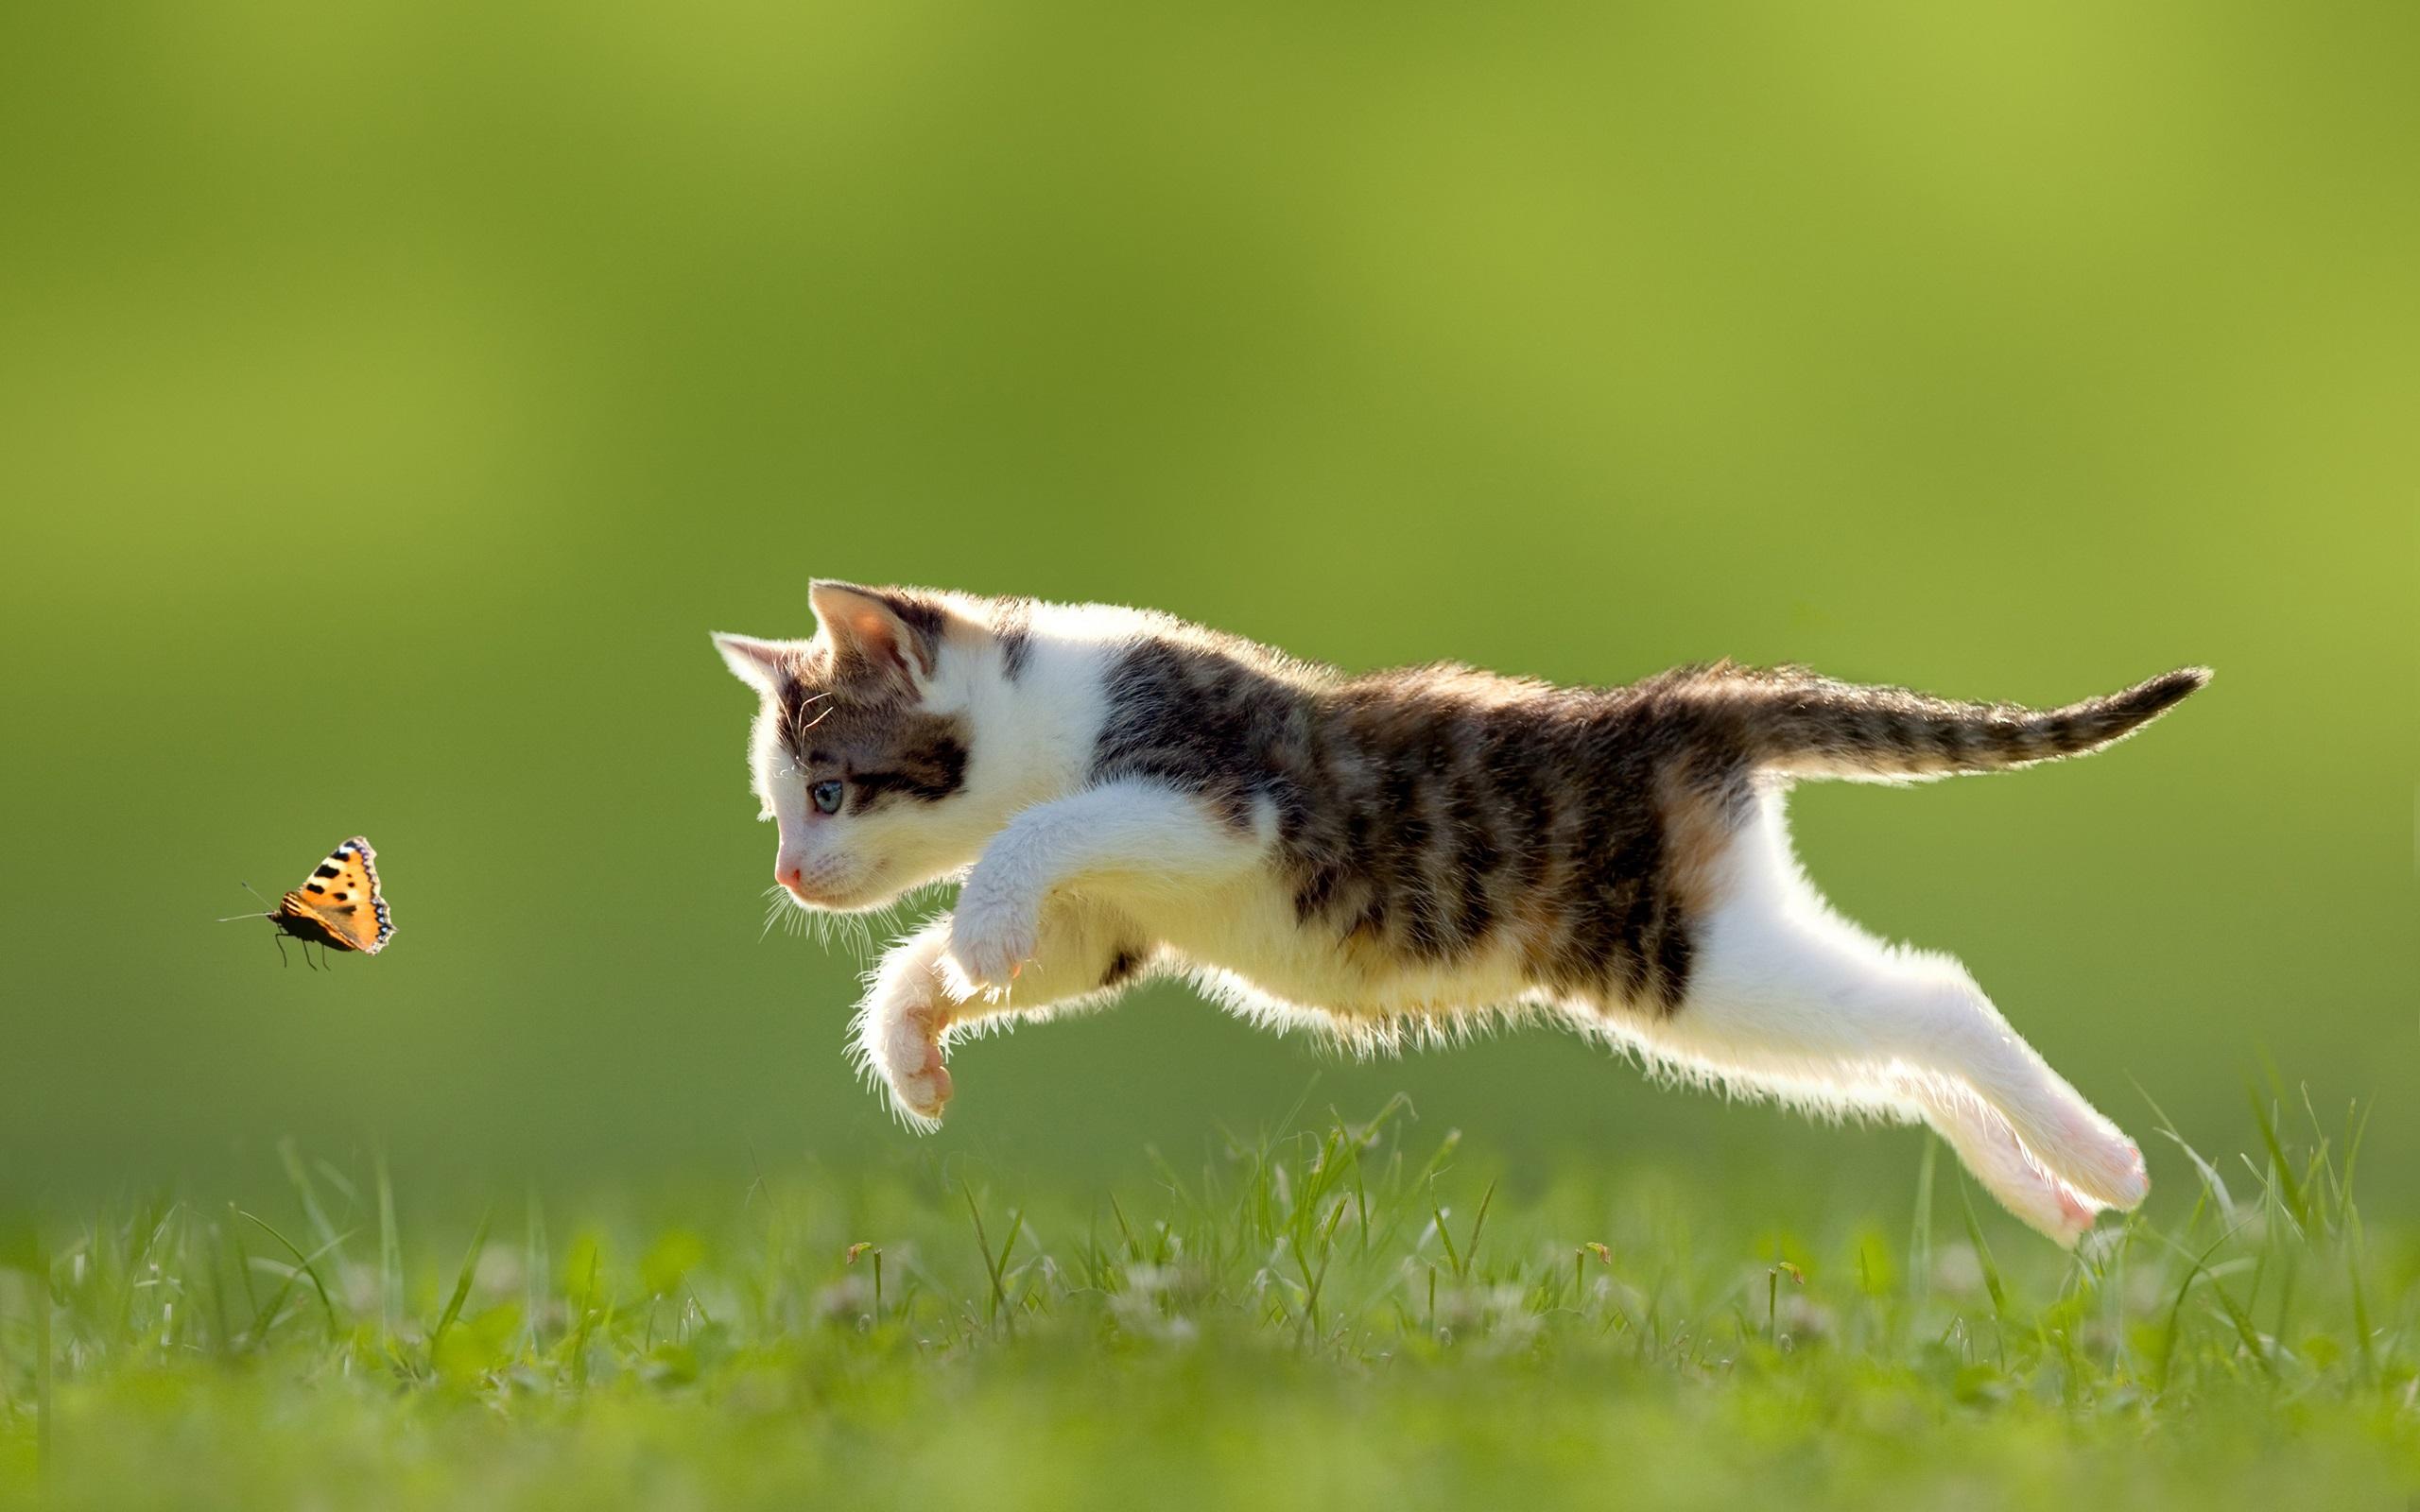 Cat Wallpaper butterfly jumping grass   HD Wallpapers Ultra HD 2560x1600